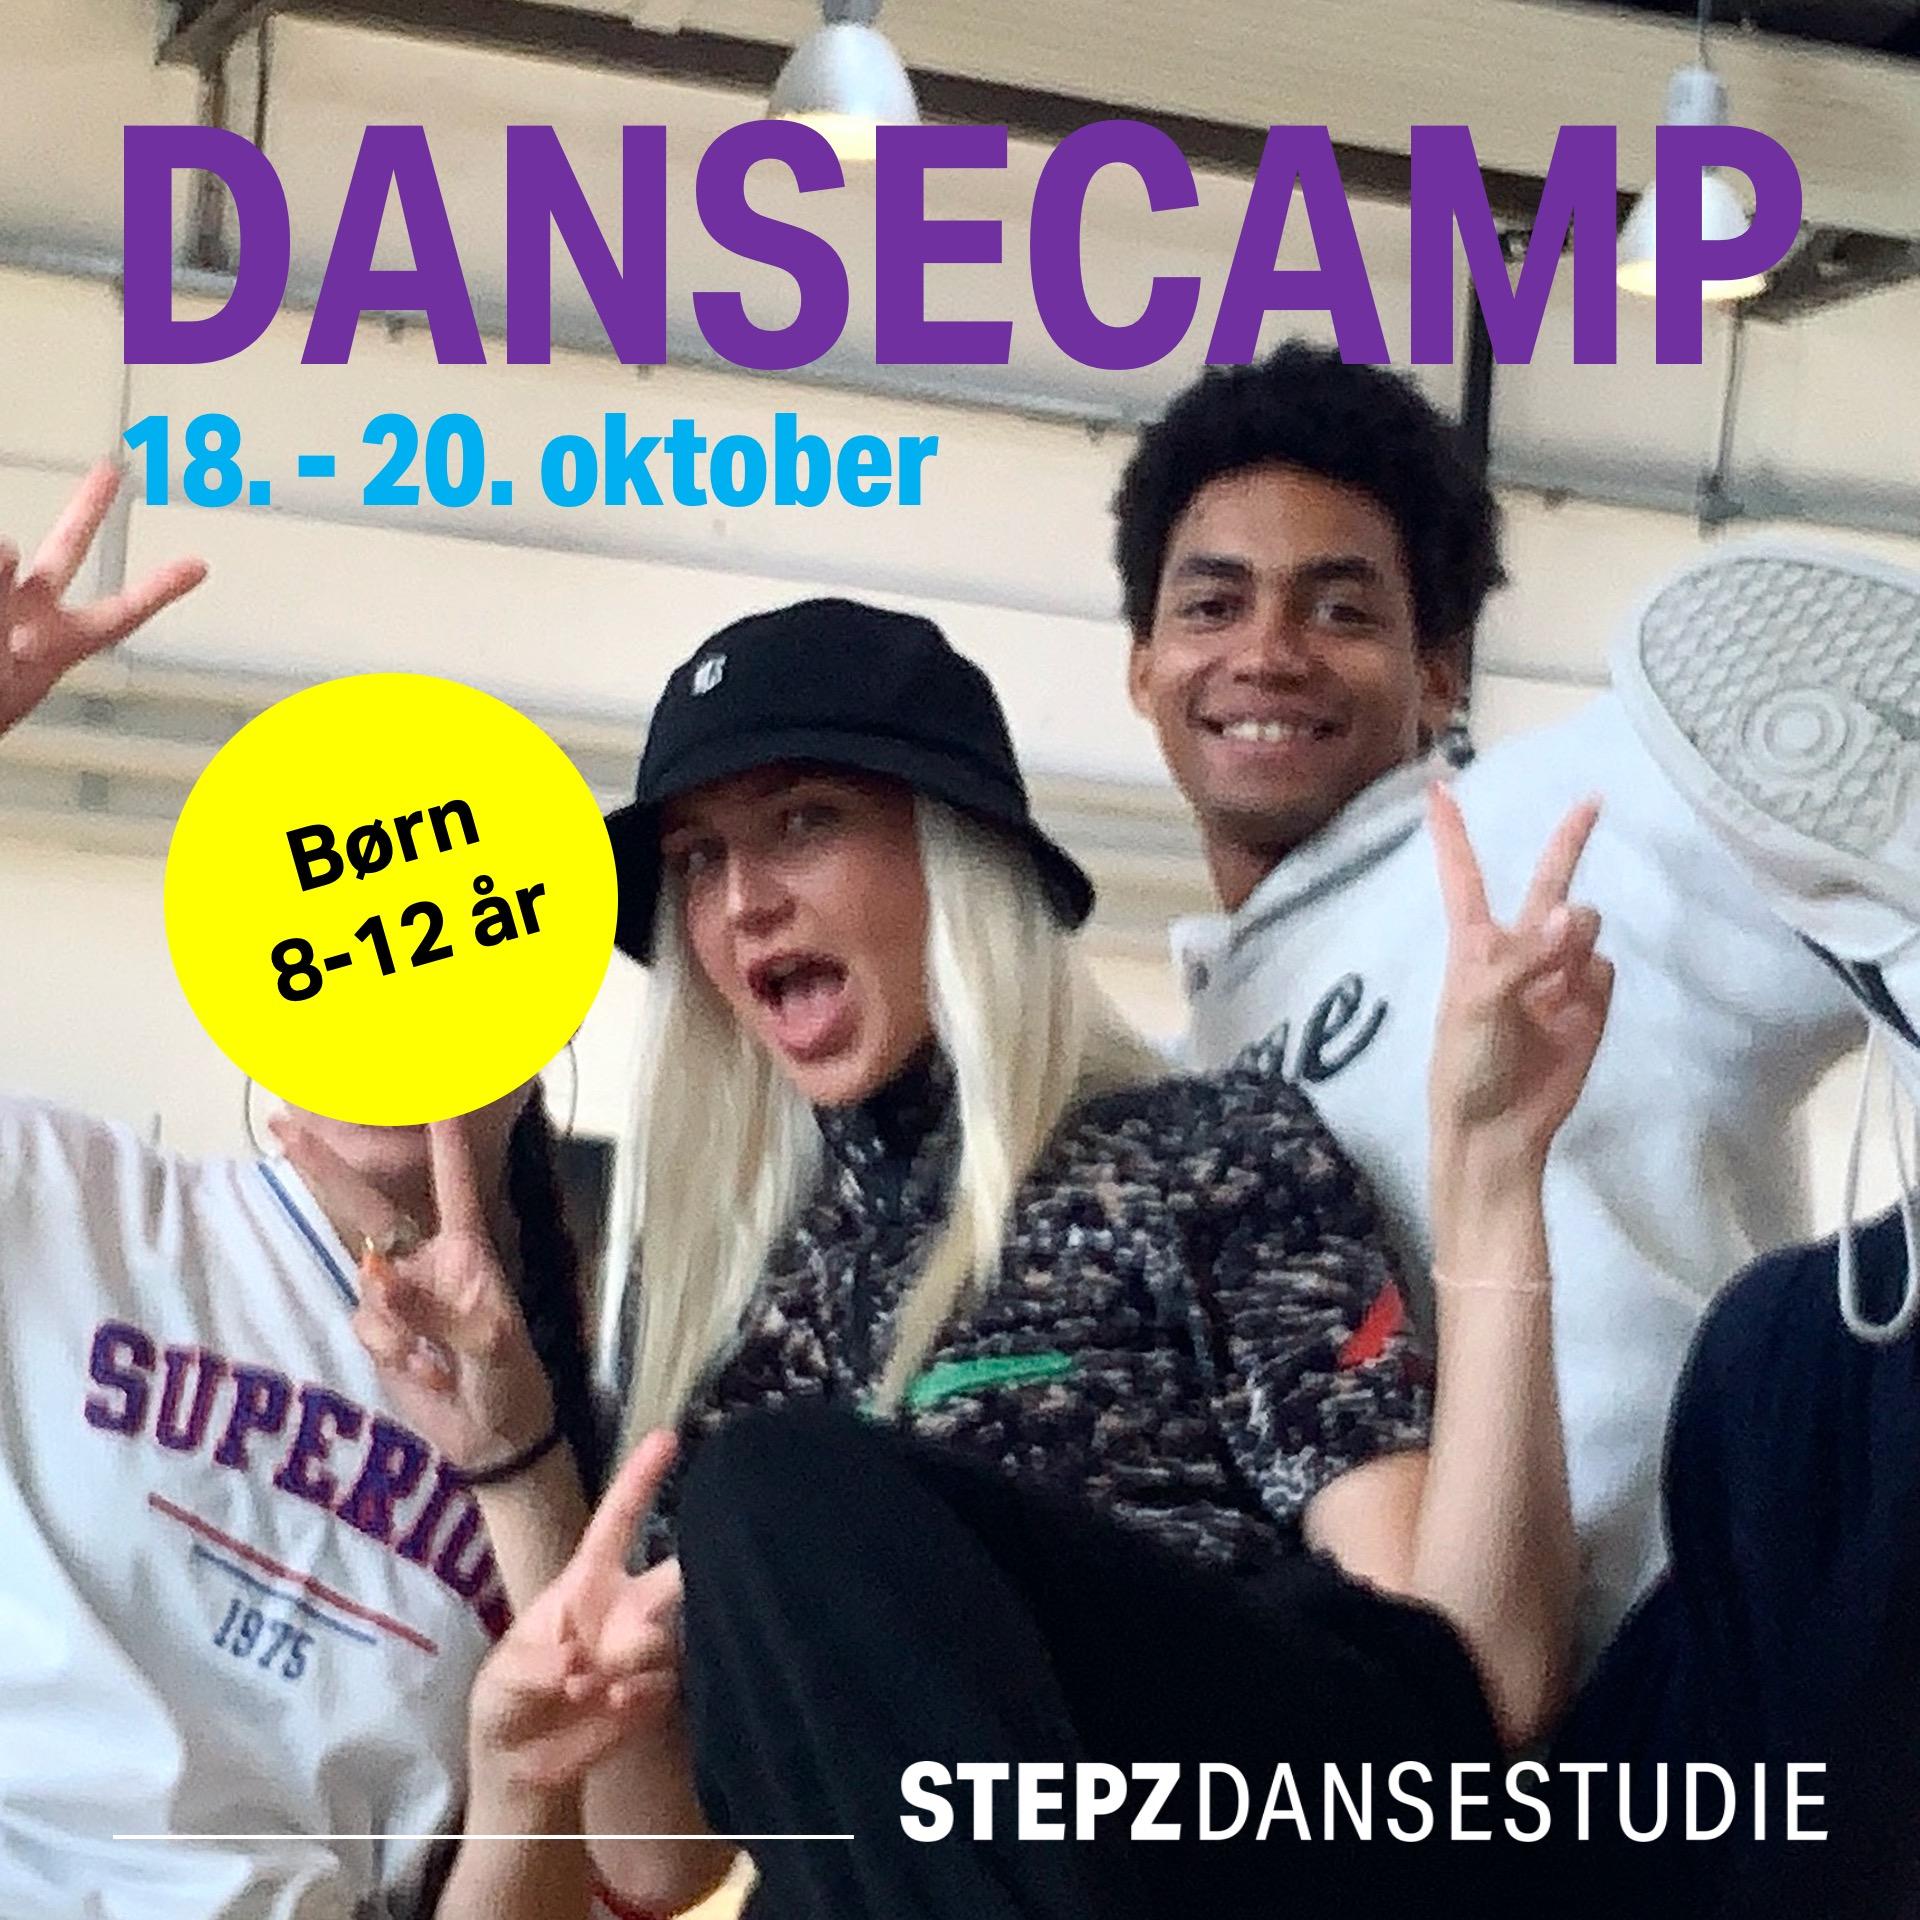 DanseCamp 2021